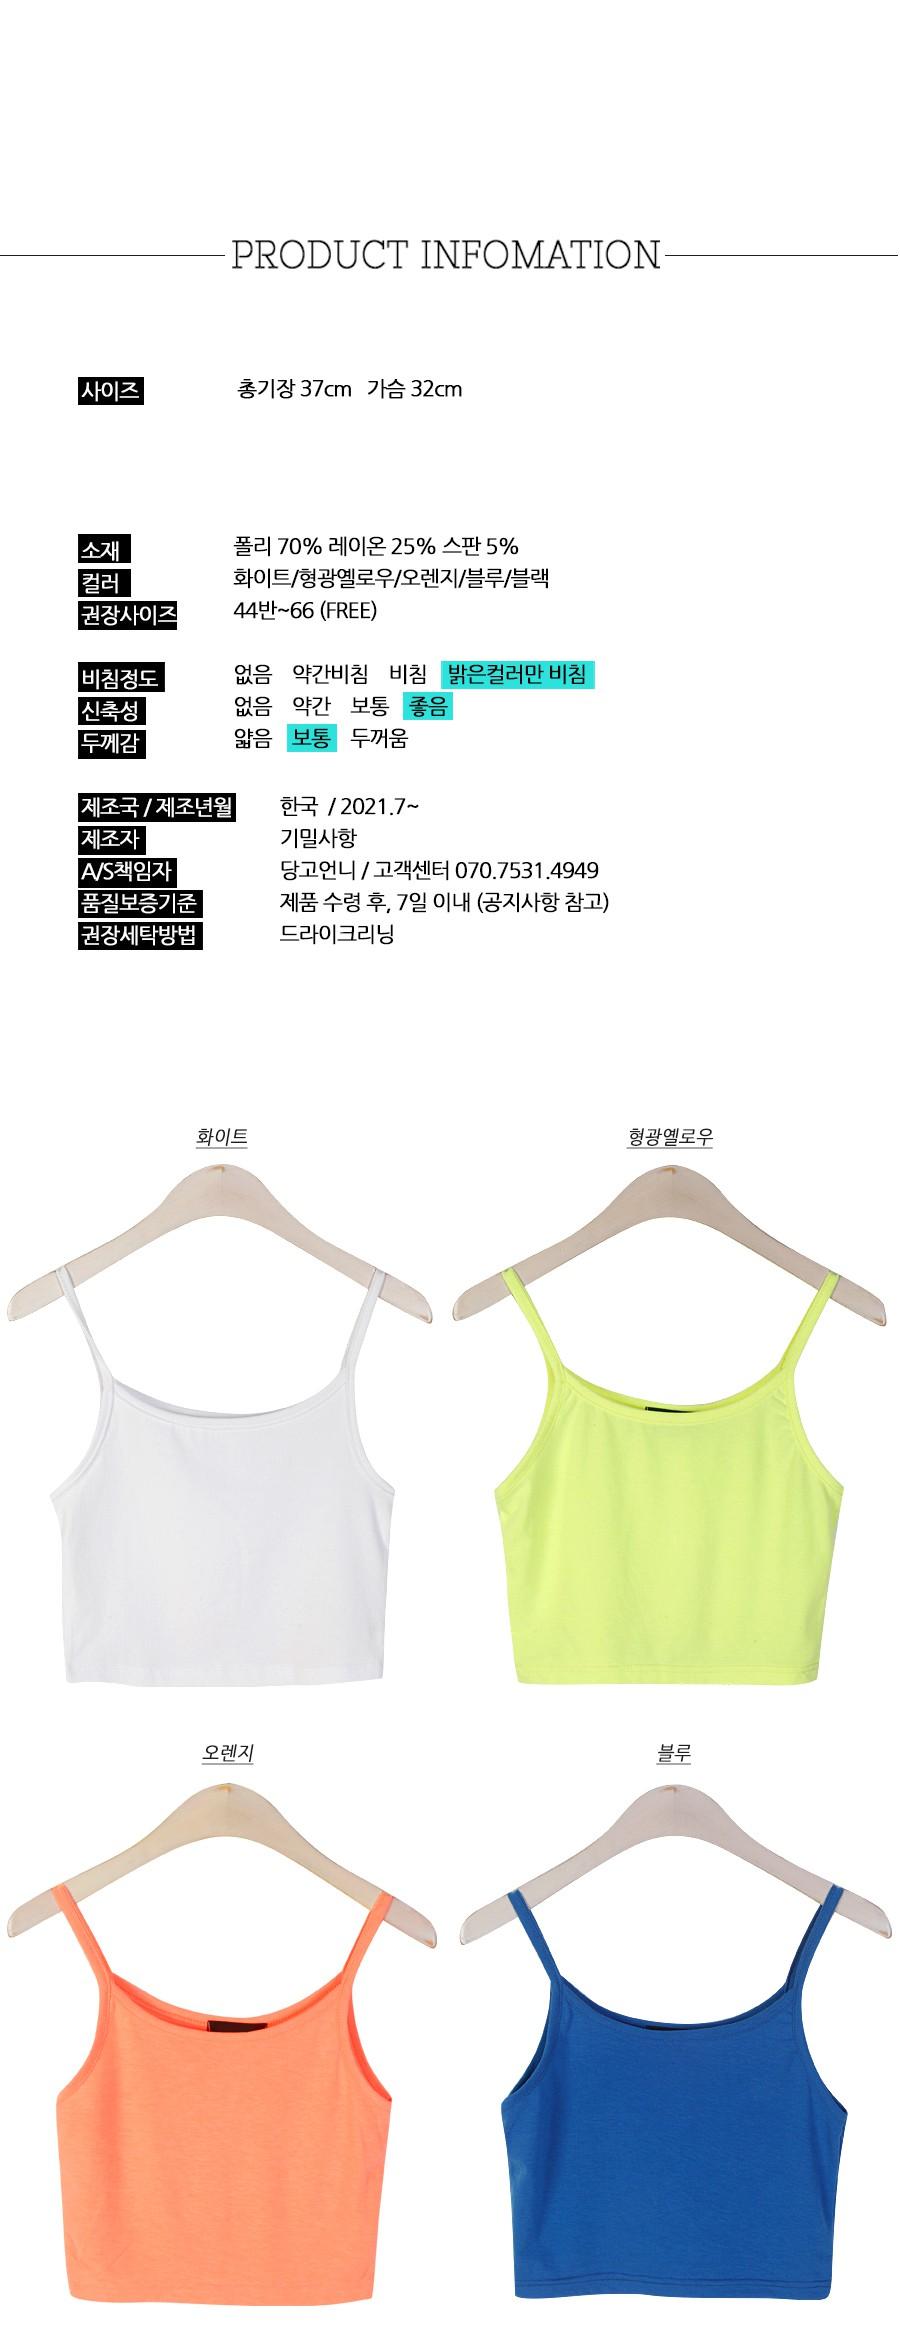 1+1 Neon Top Sleeveless T